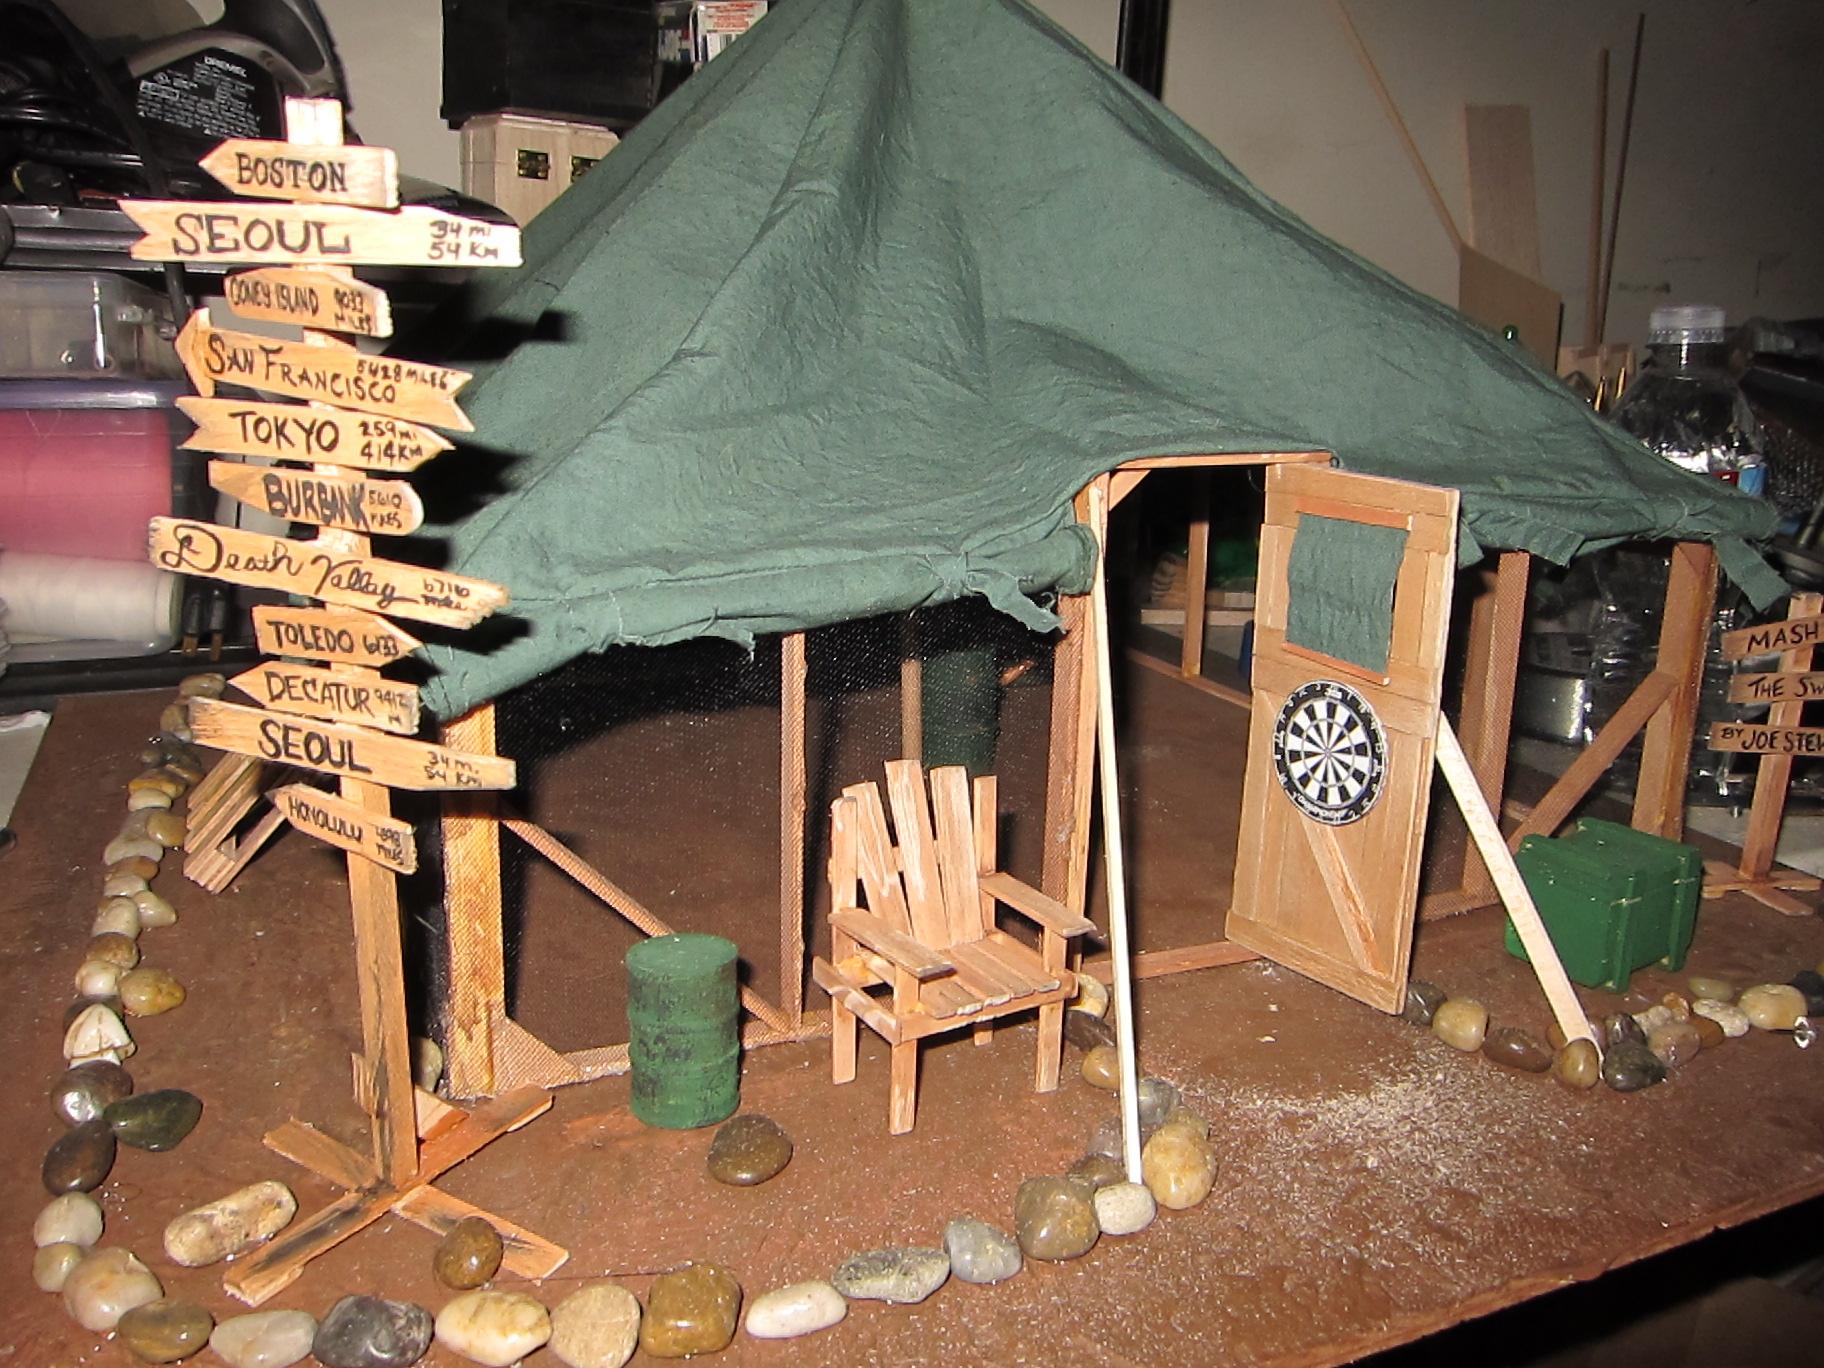 M*A*S*H 4077 Sw& Tent-img_0016.jpg ... & M*A*S*H 4077 Swamp Tent - HissTank.com